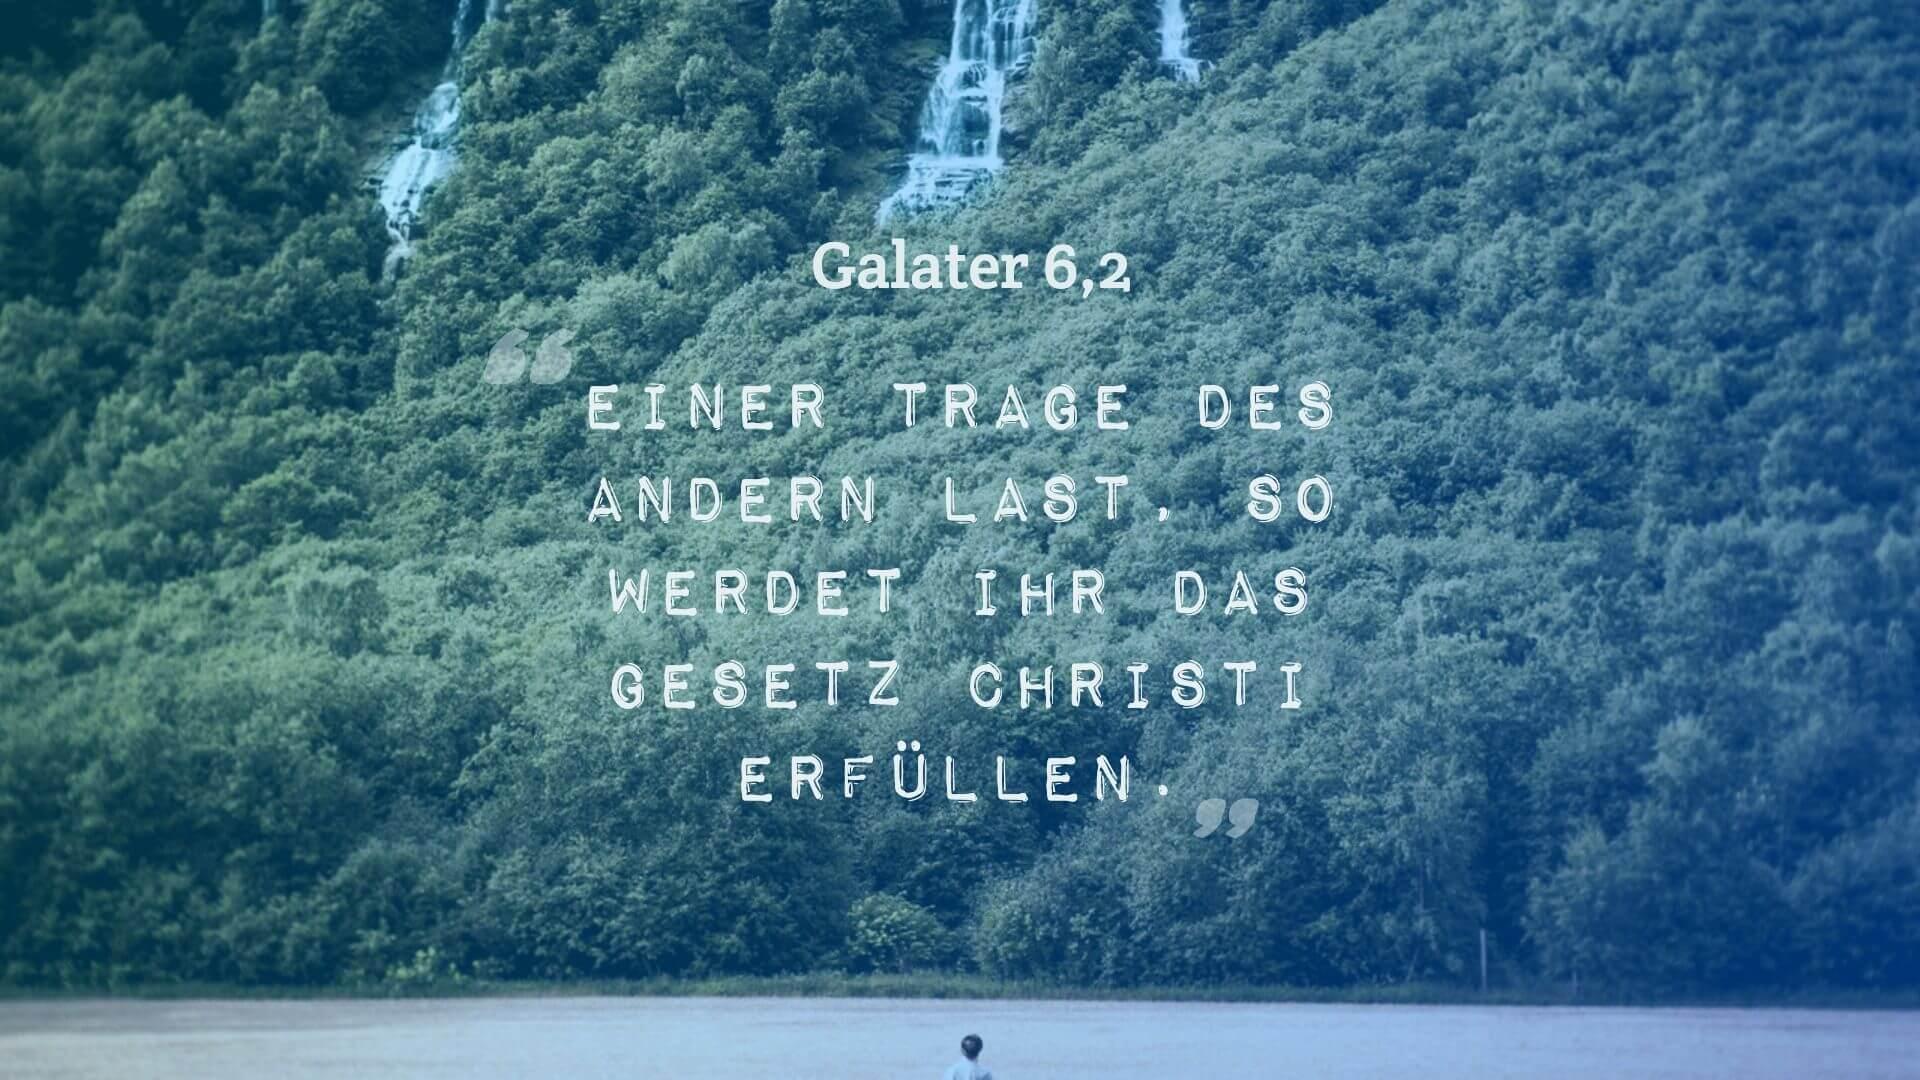 Einer trage des andern Last, so werdet ihr das Gesetz Christi erfüllen. - Galater 6,2